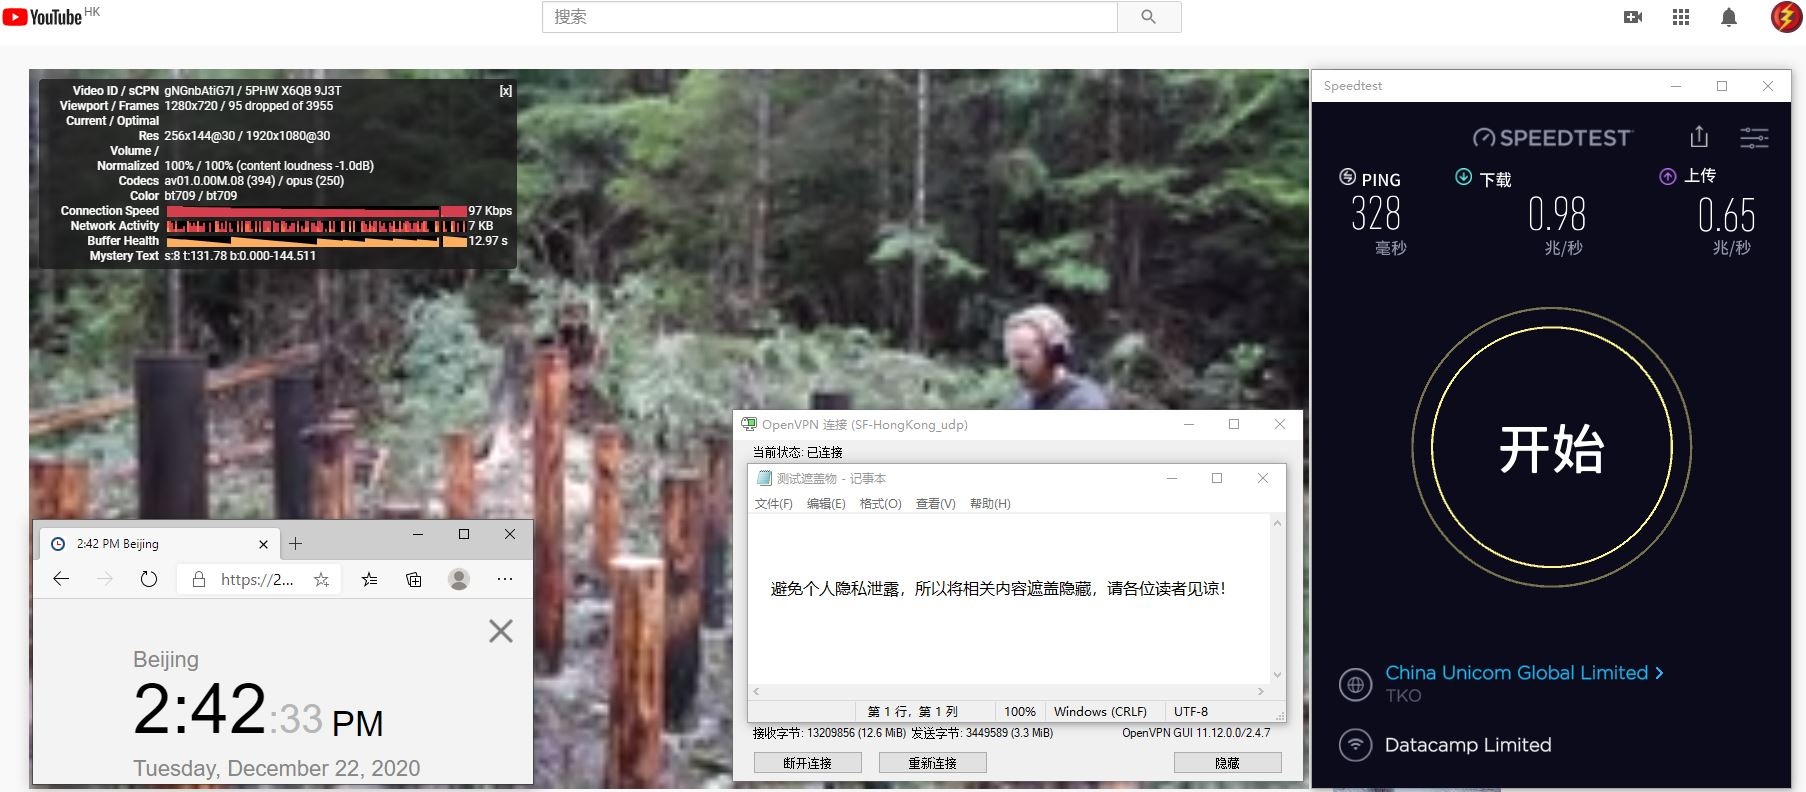 Windows10 SurfsharkVPN Hong Kong 服务器 中国VPN 翻墙 科学上网 测试 - 20201222